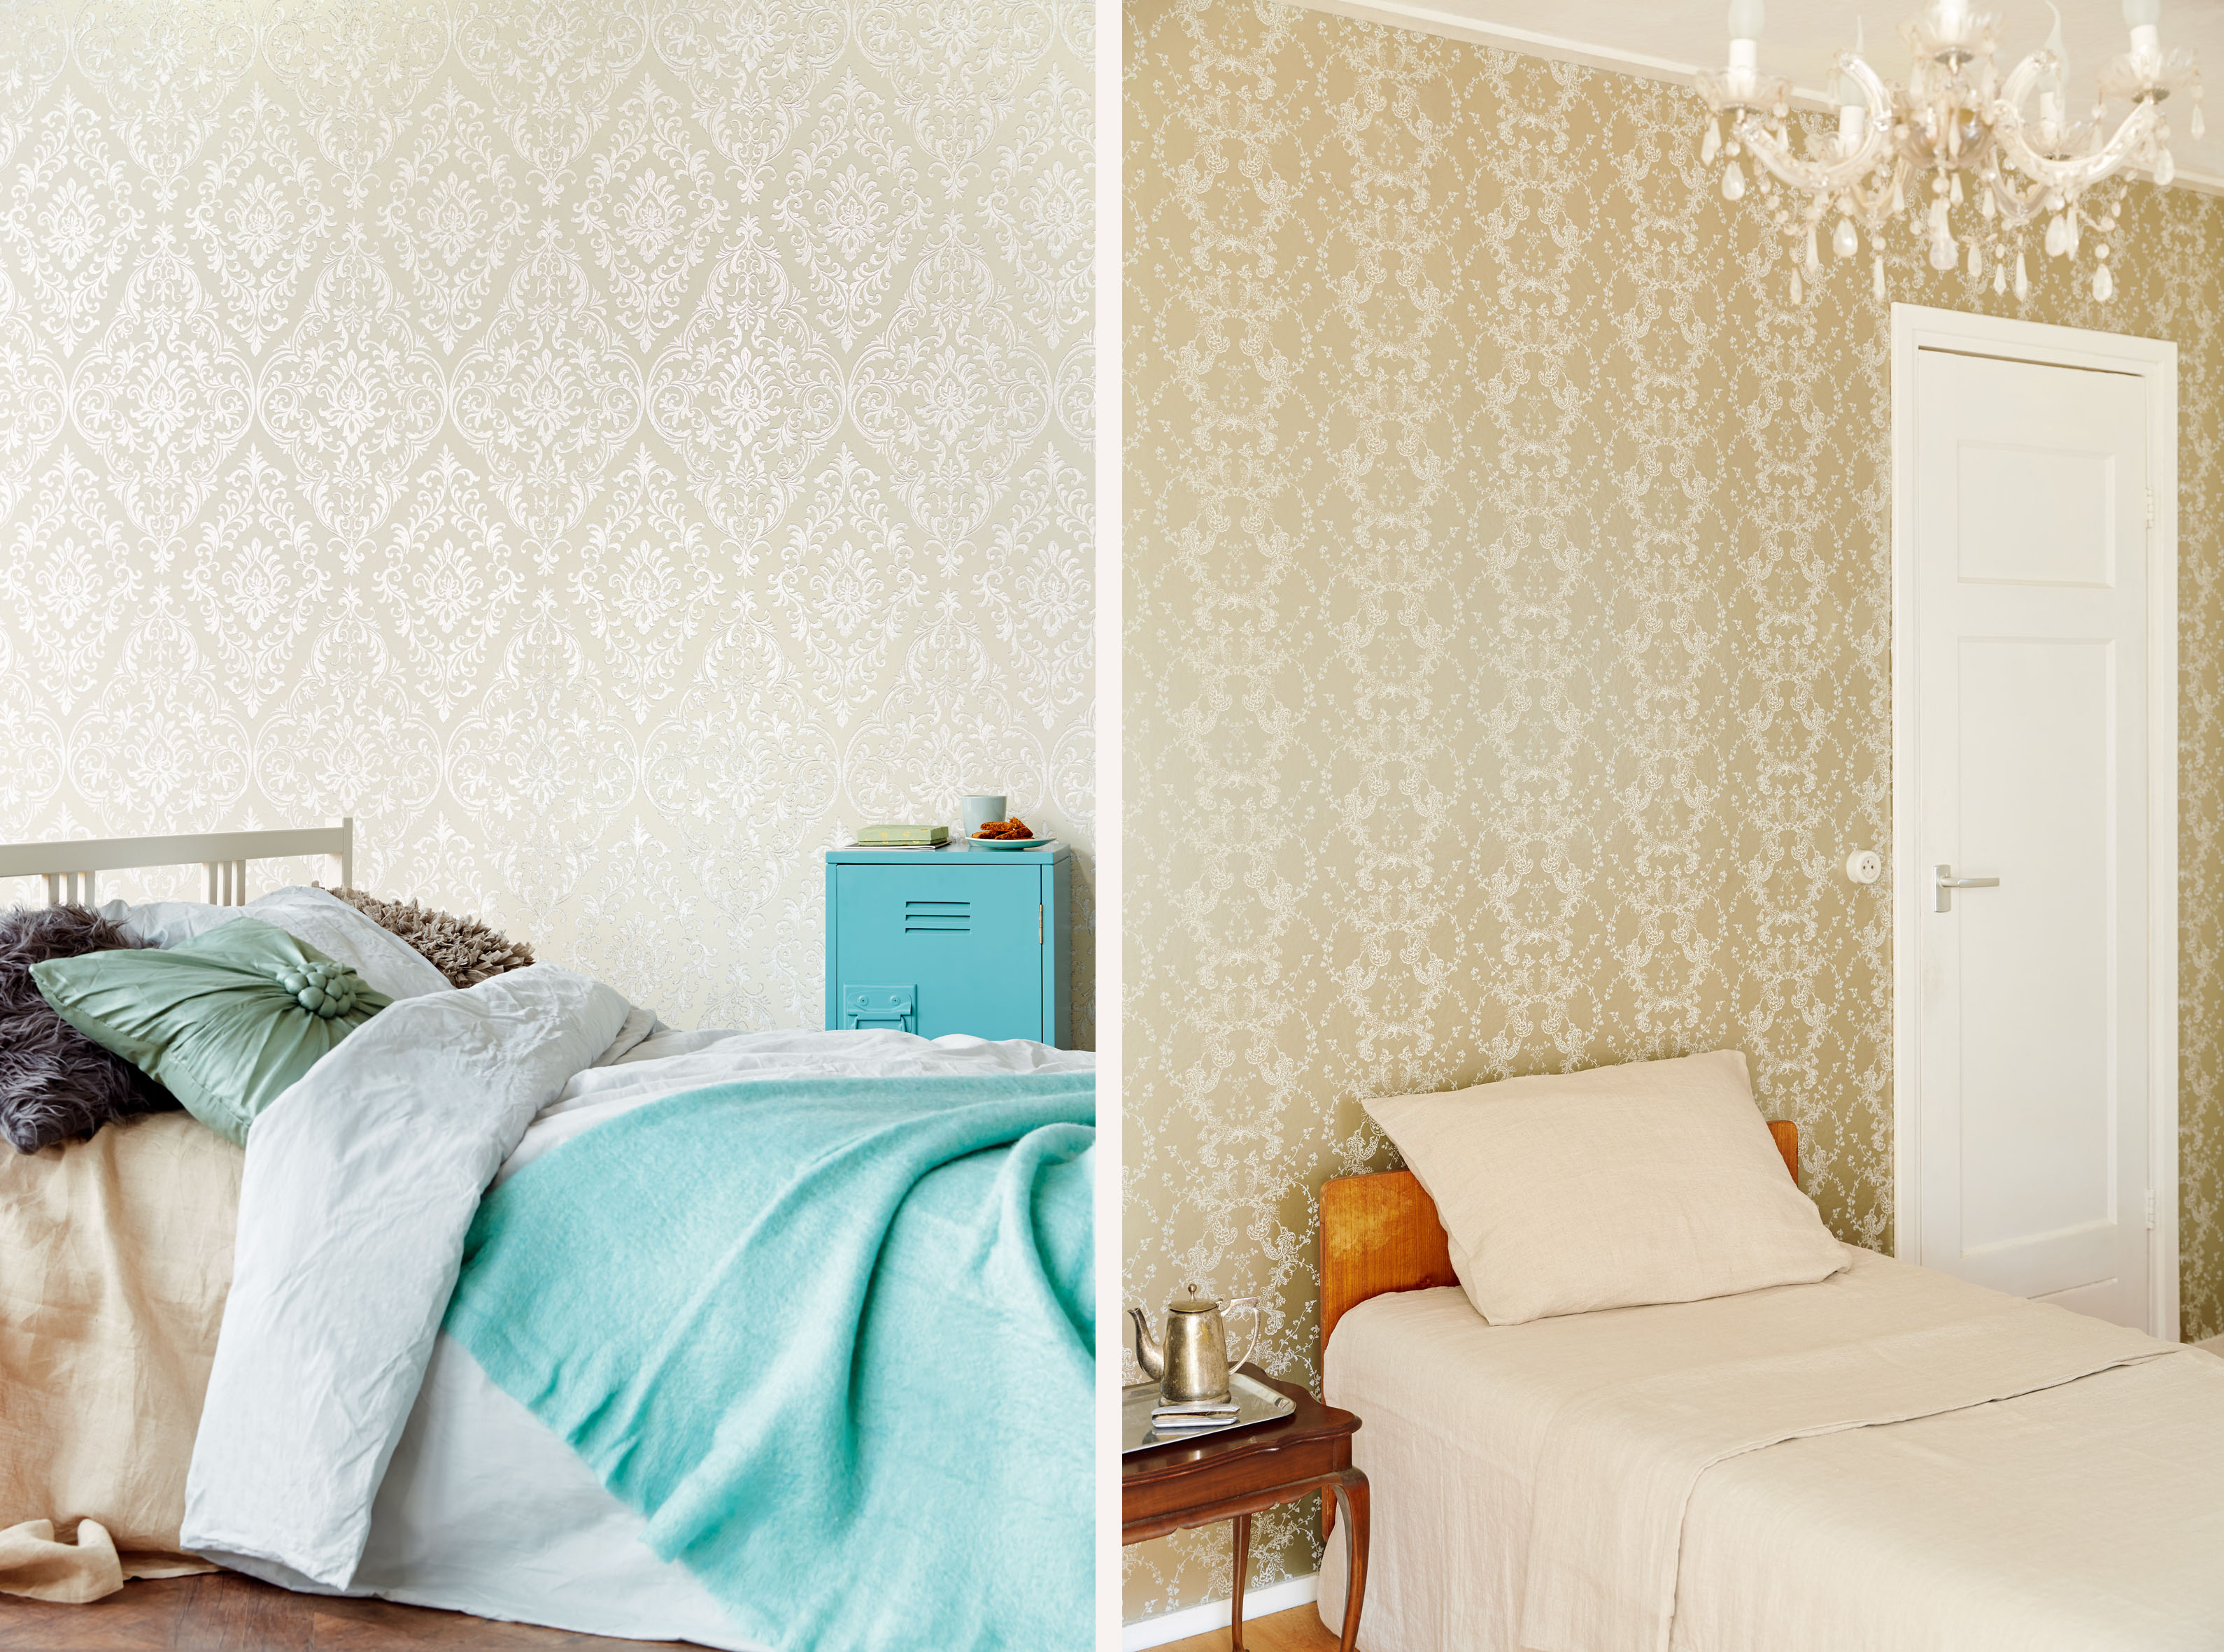 Papel Pintado Para Dormitorios La Elegancia Y El Glamour Siempre